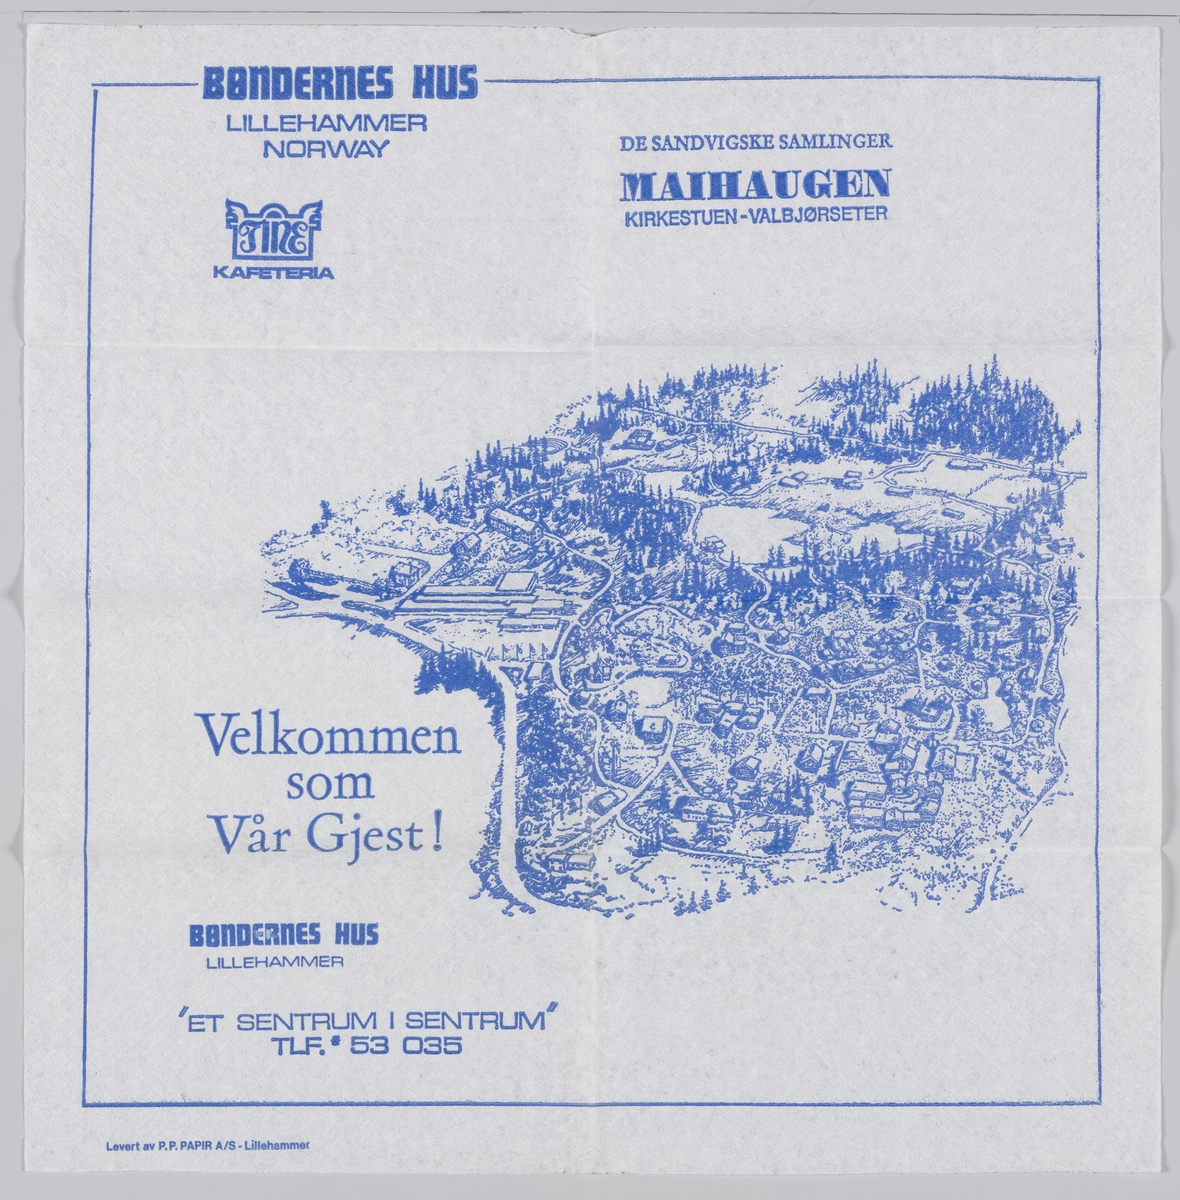 Et kart over Maihaugen på Lillehammer og en reklametekst for kafeteriaen Bøndernes Hus på museet.  Samme tekst på MIA.00007-004-0241.